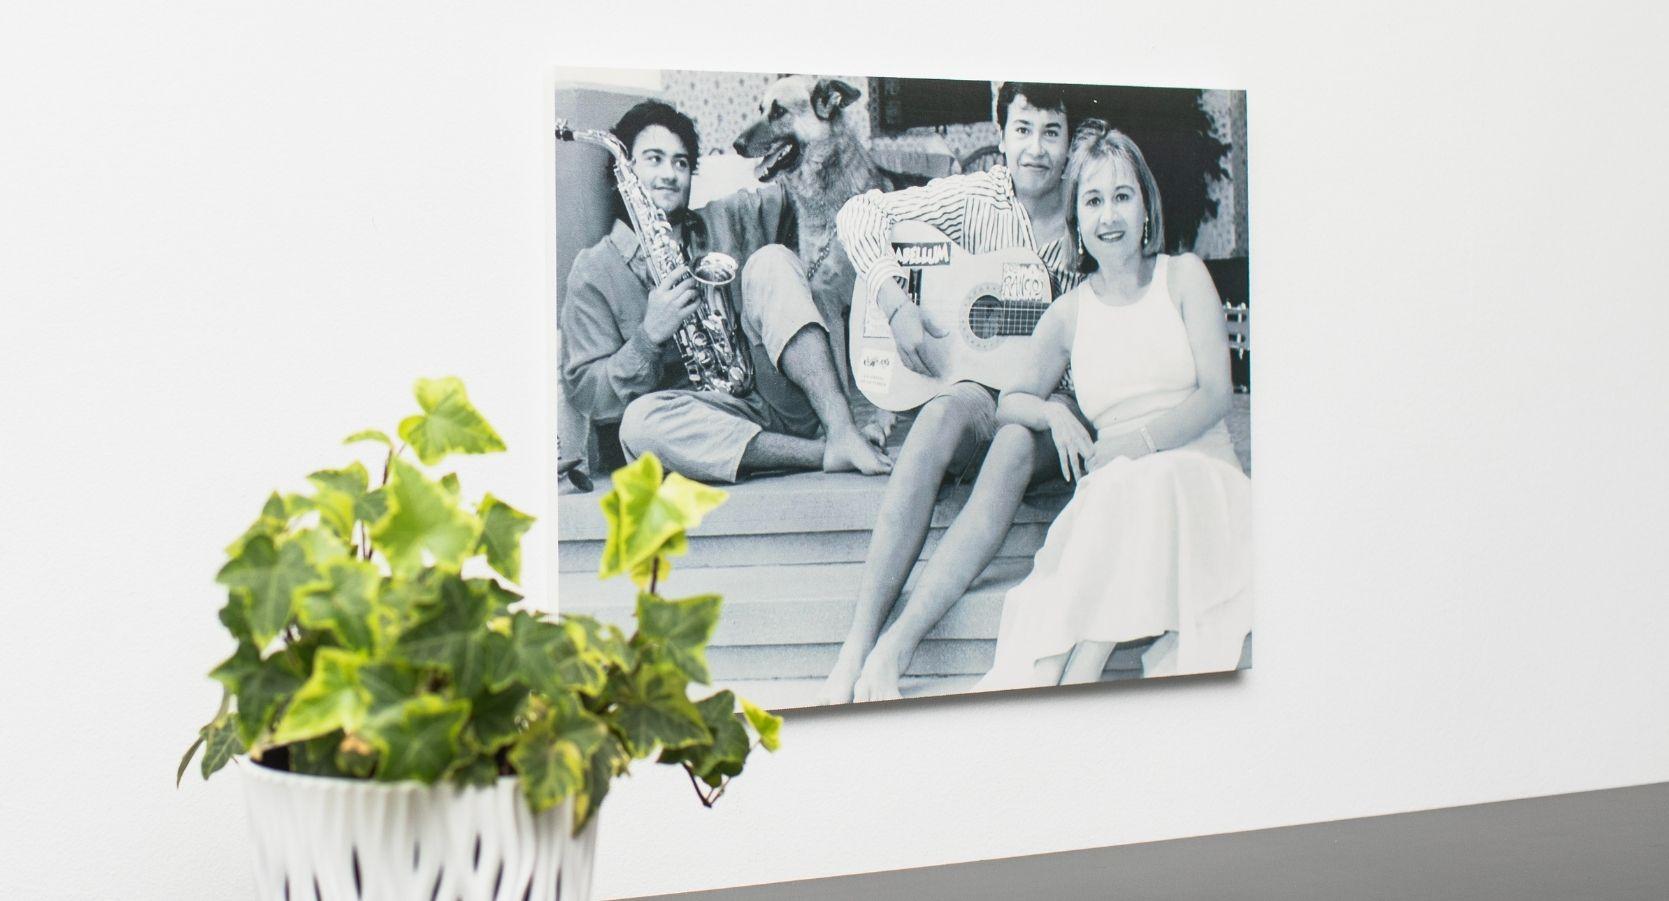 foto impresa en carton pluma